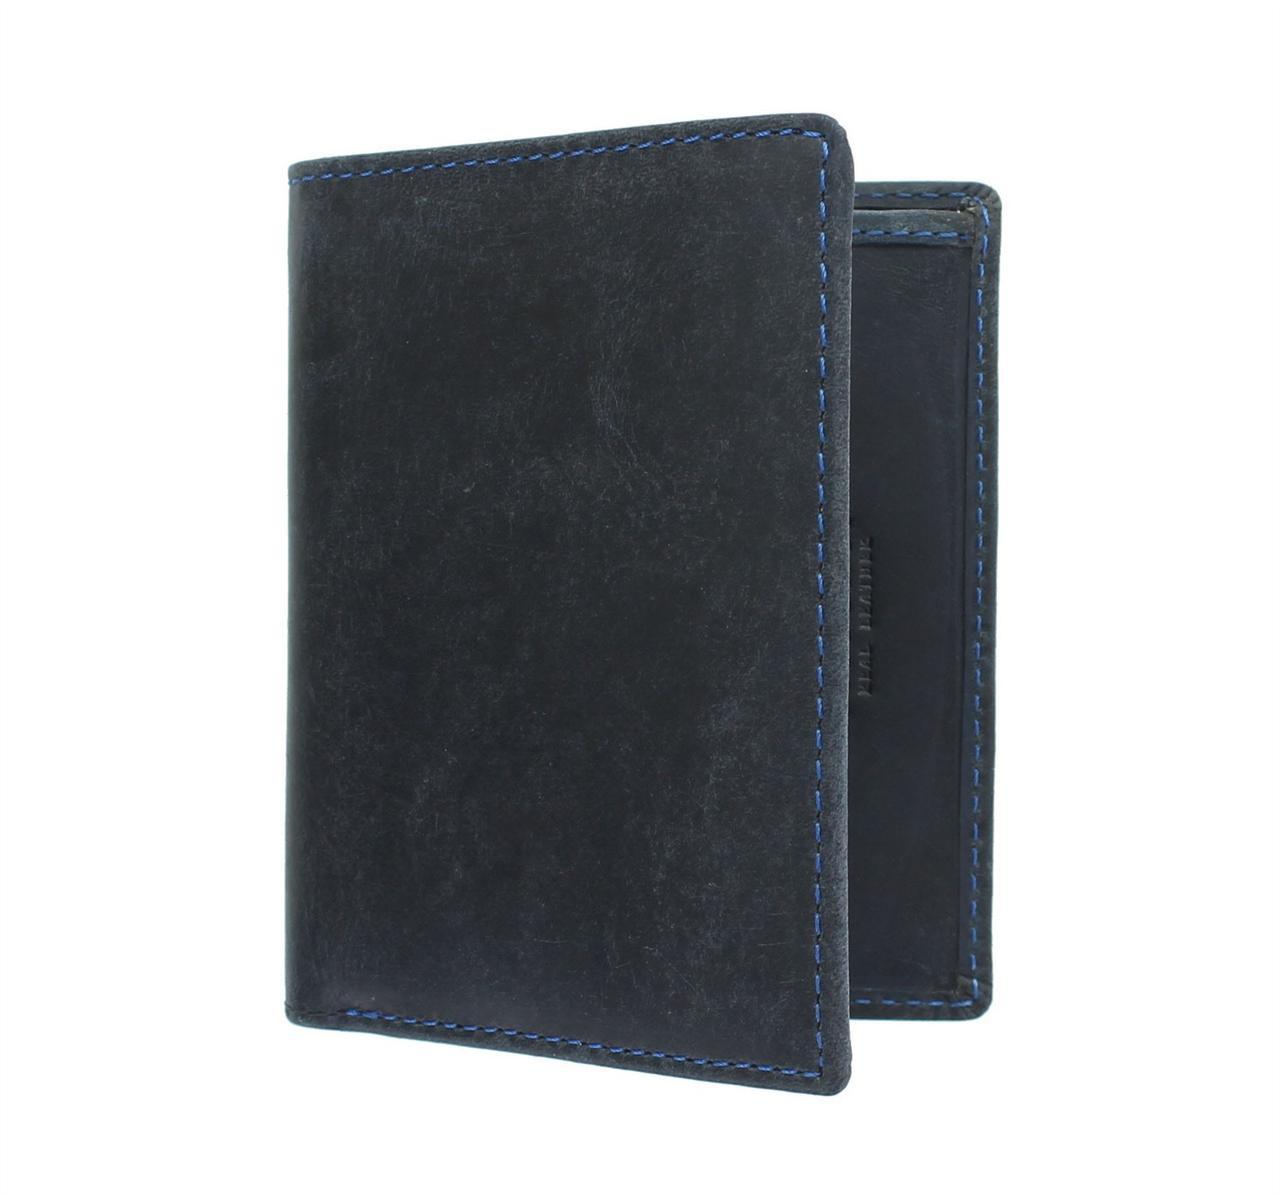 Синий кошелек из матовой кожи Visconti 705 Oil Blue (Великобритания)